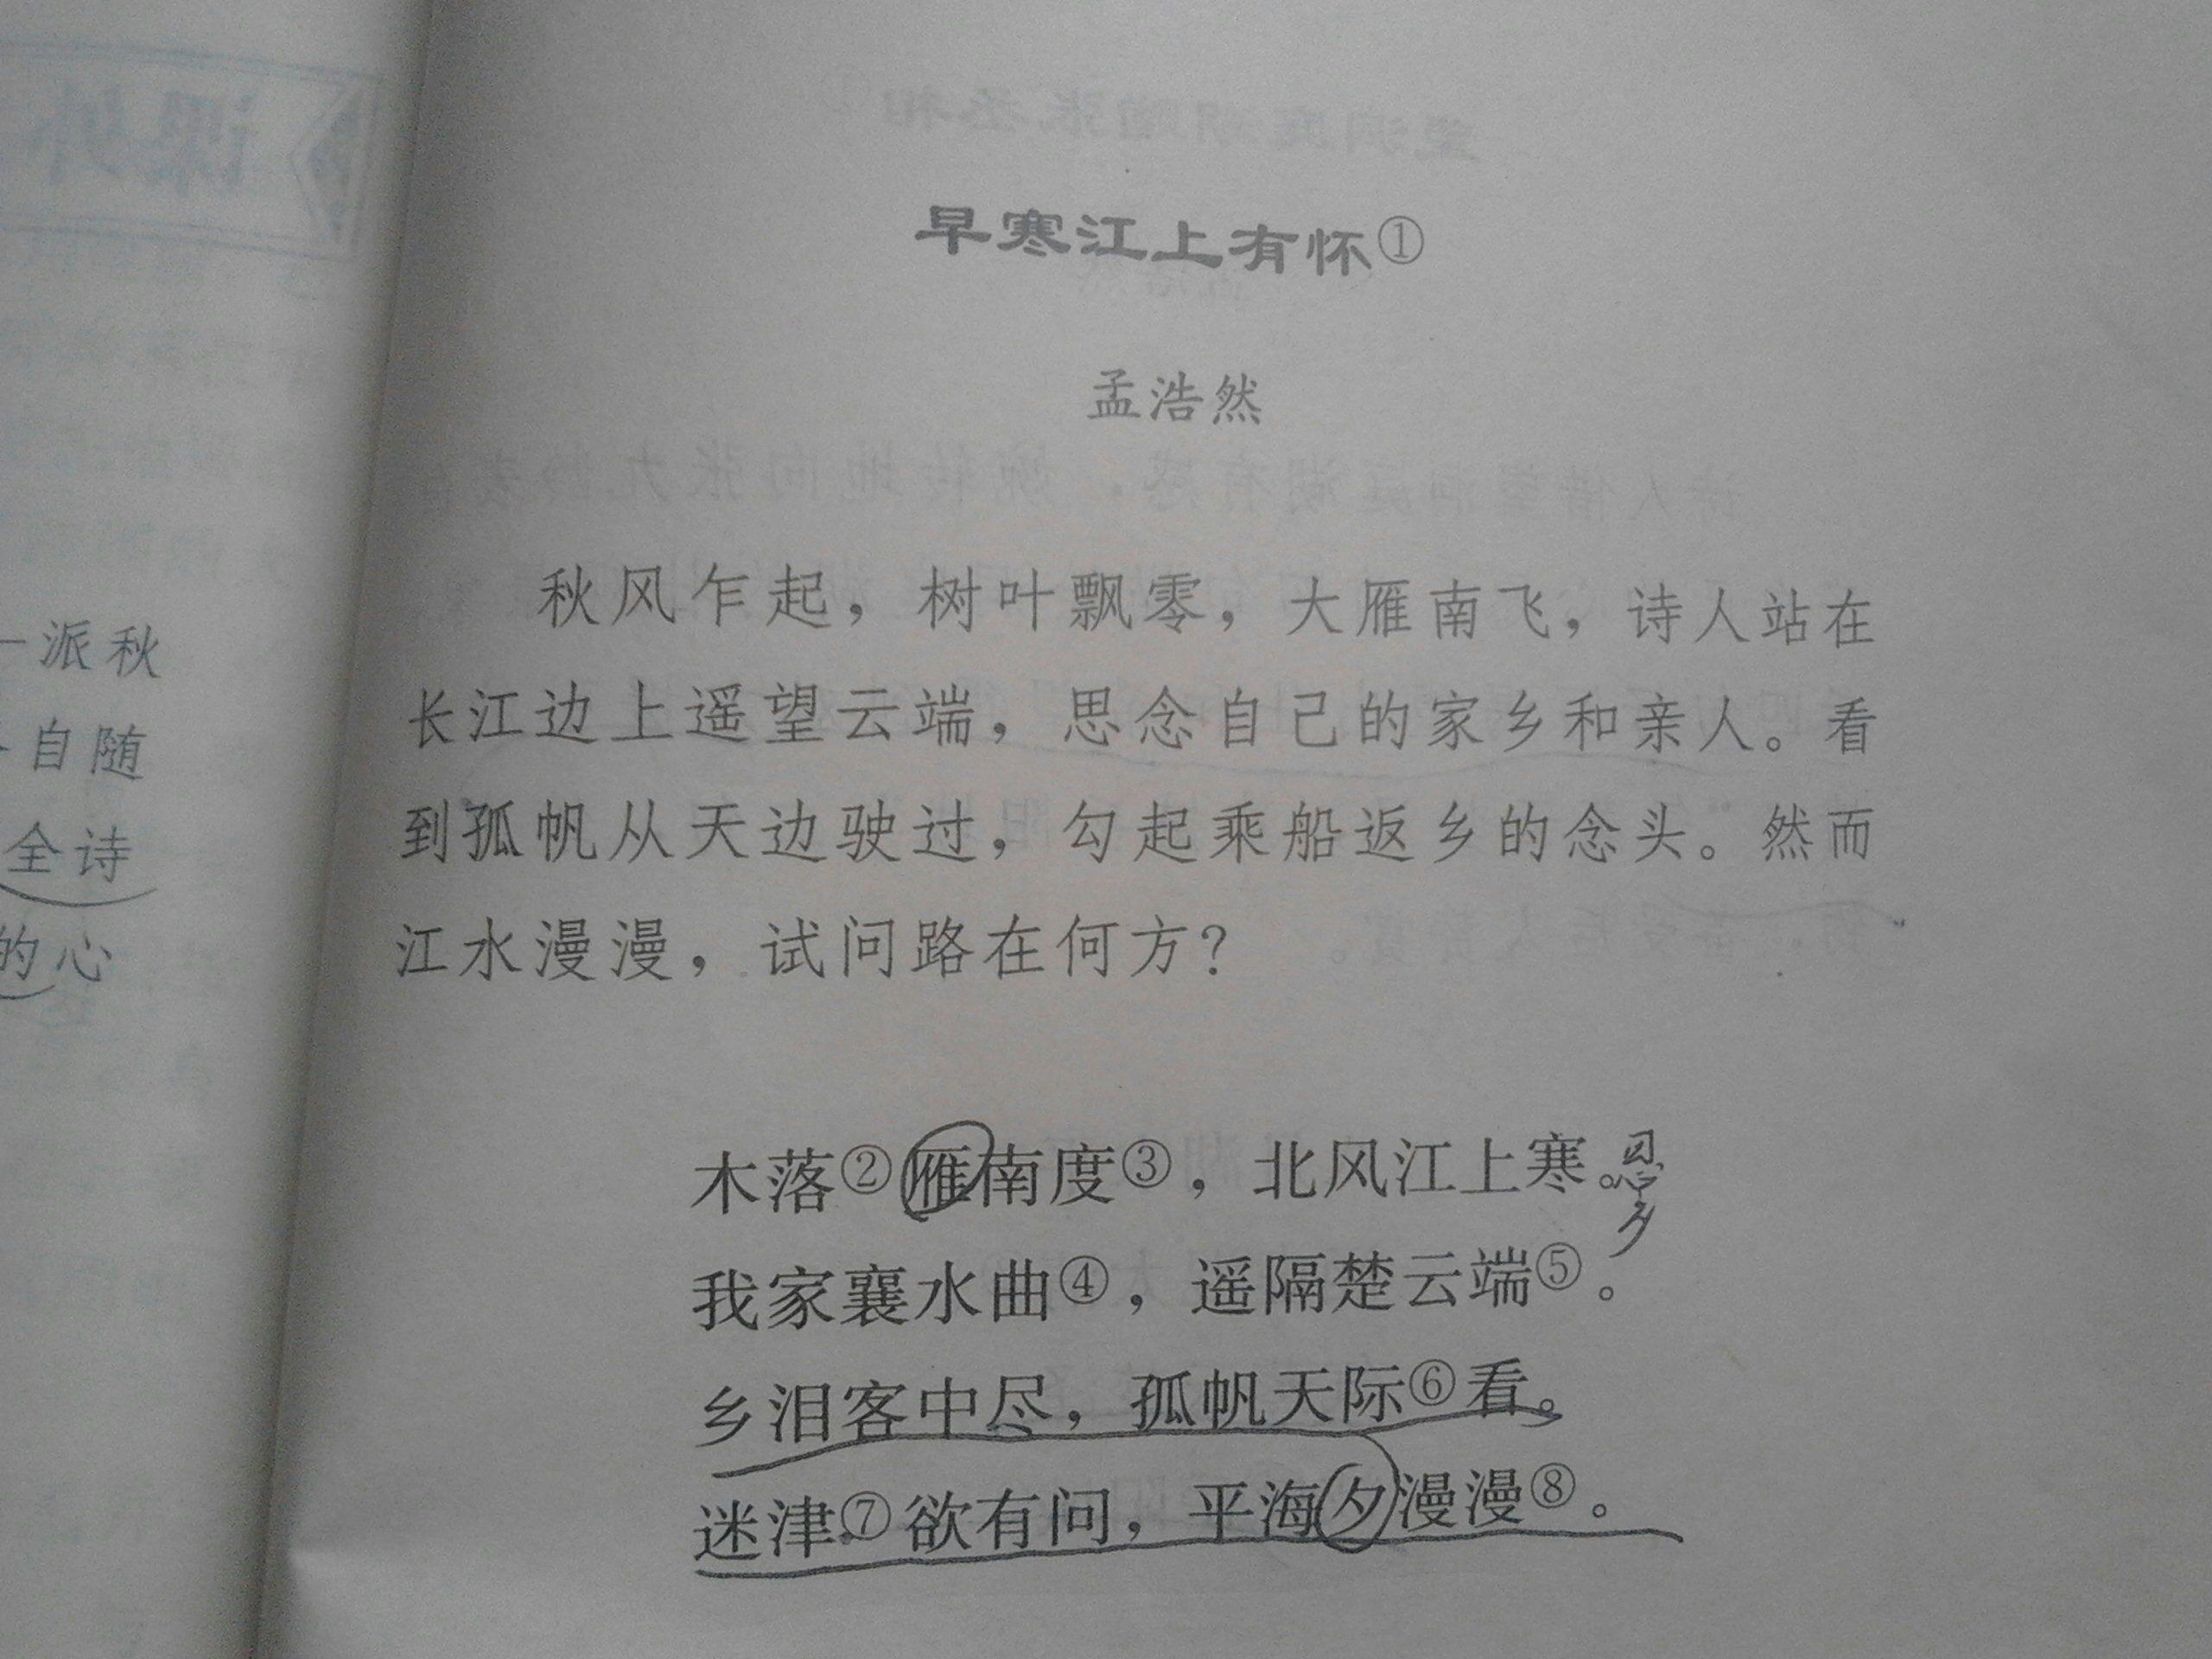 小学数学板书_二年级语文50字古诗内容 二年级语文50字古诗版面设计